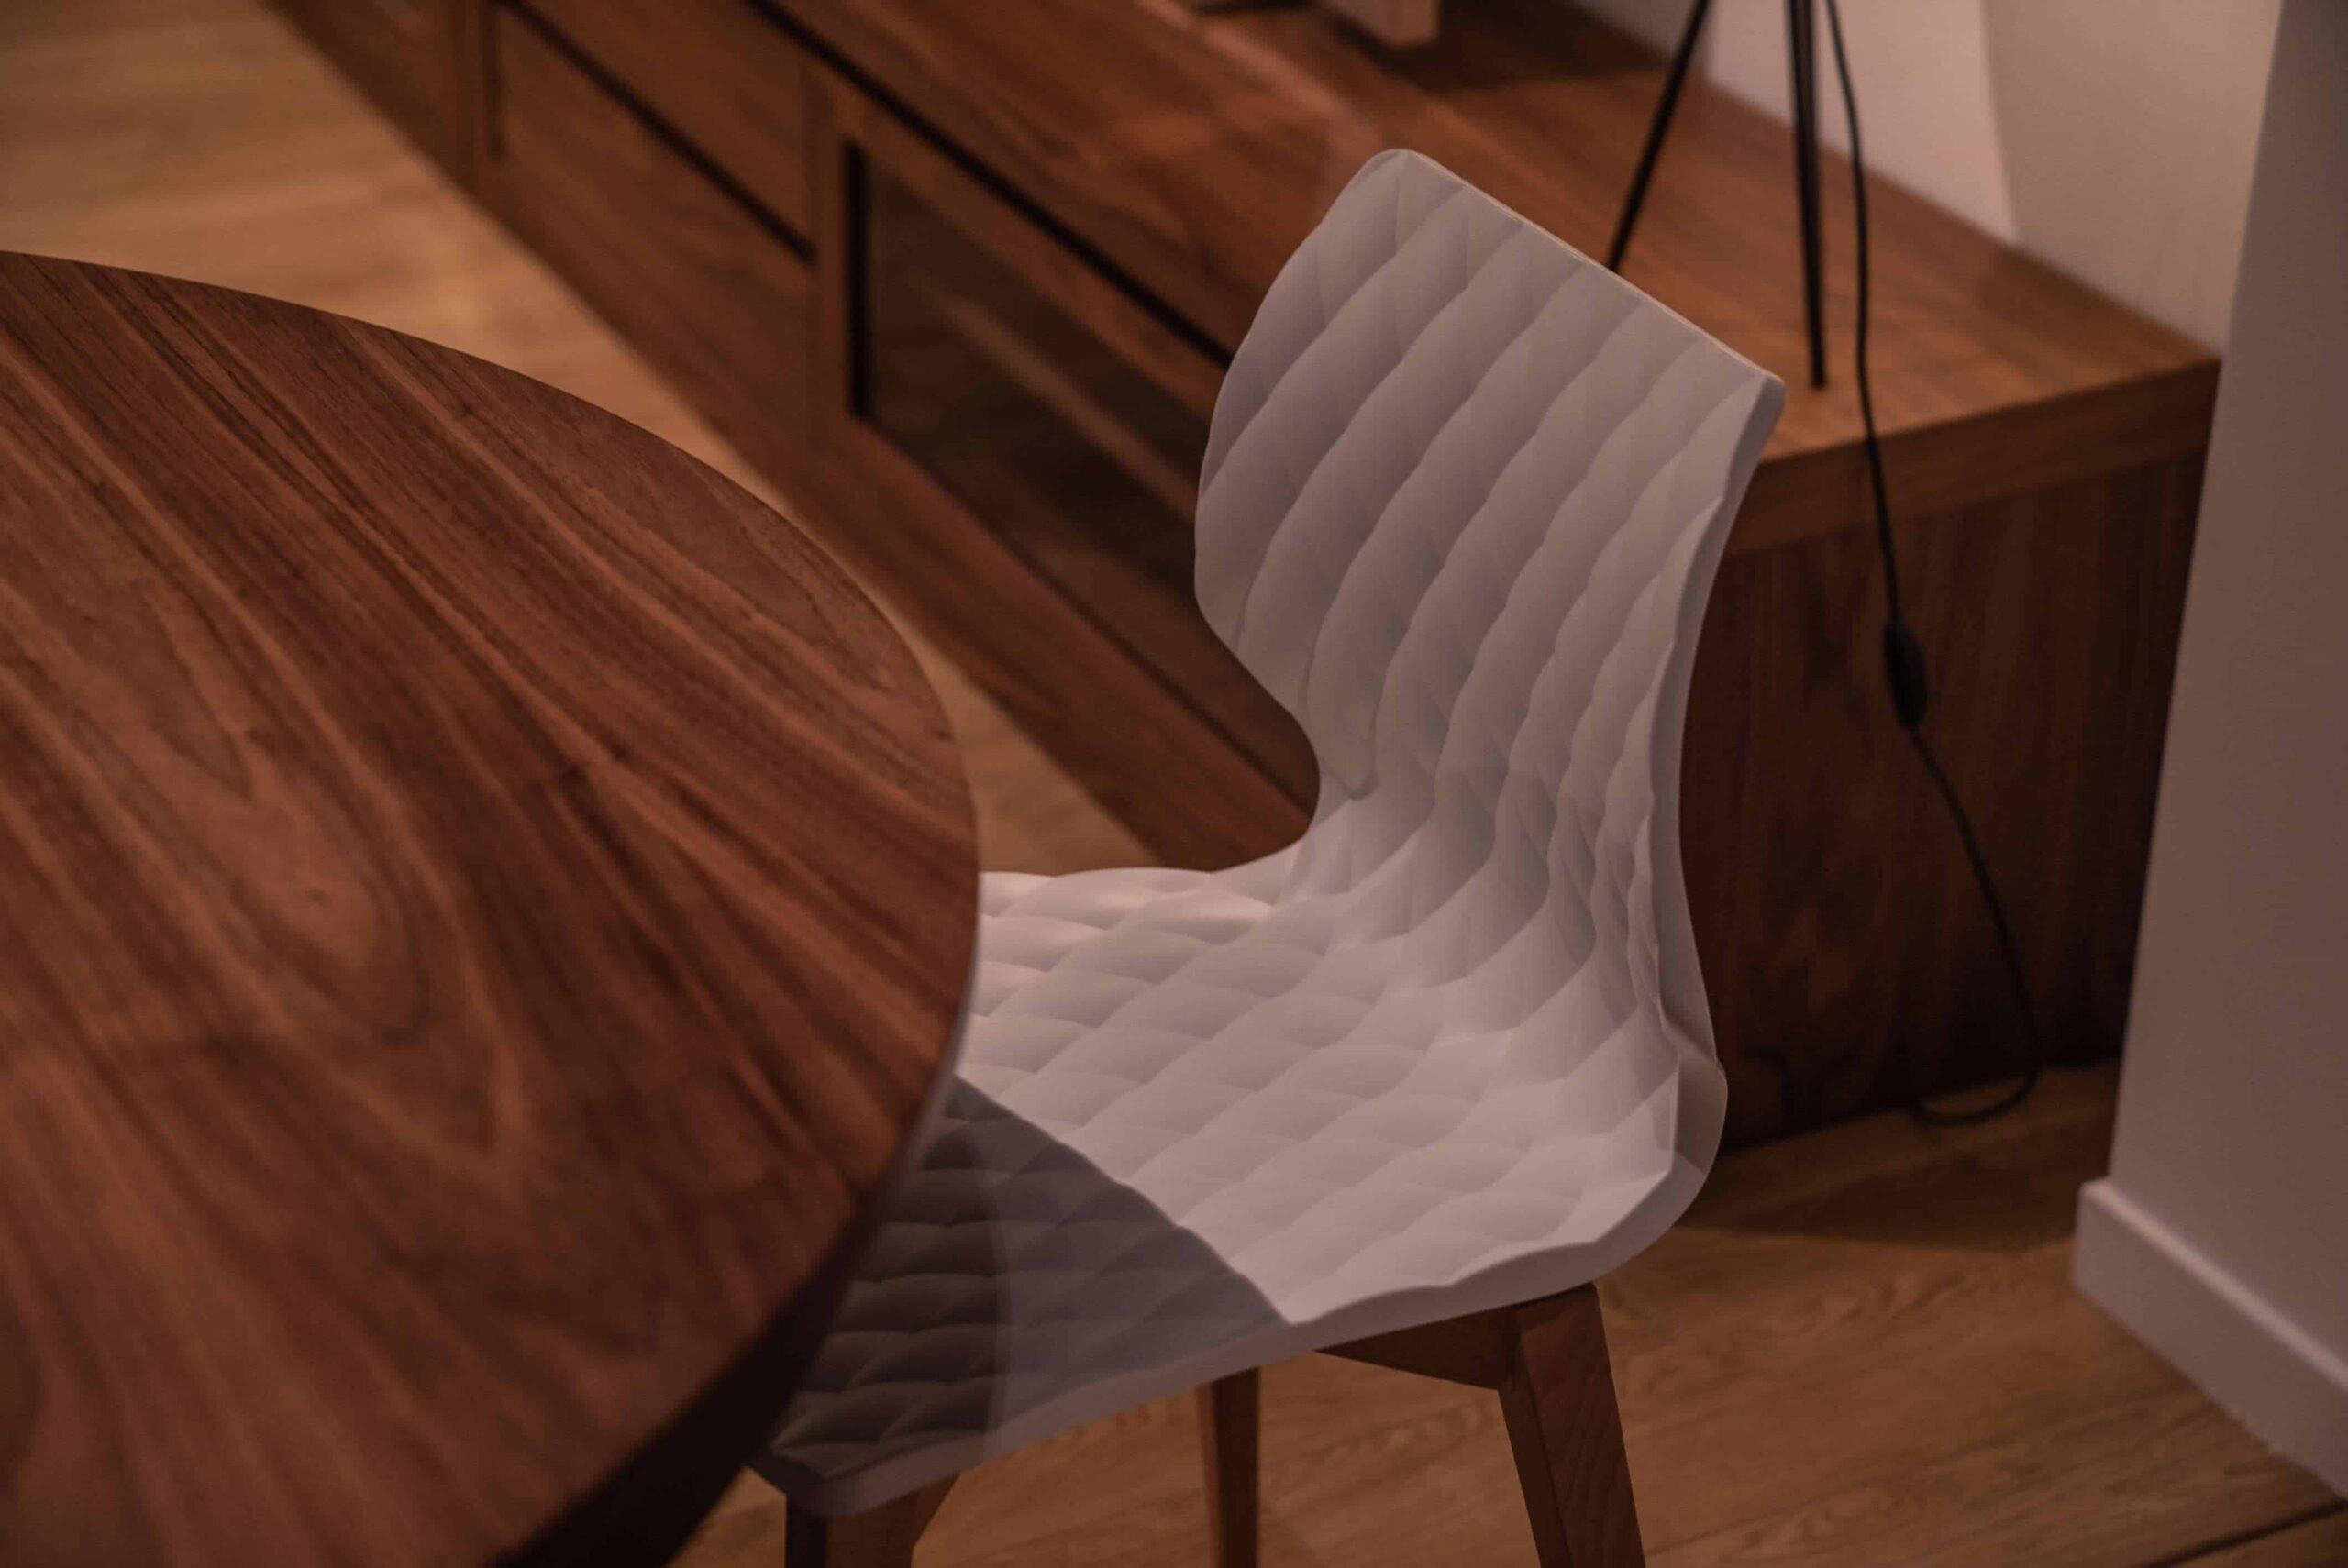 cadira de disseny